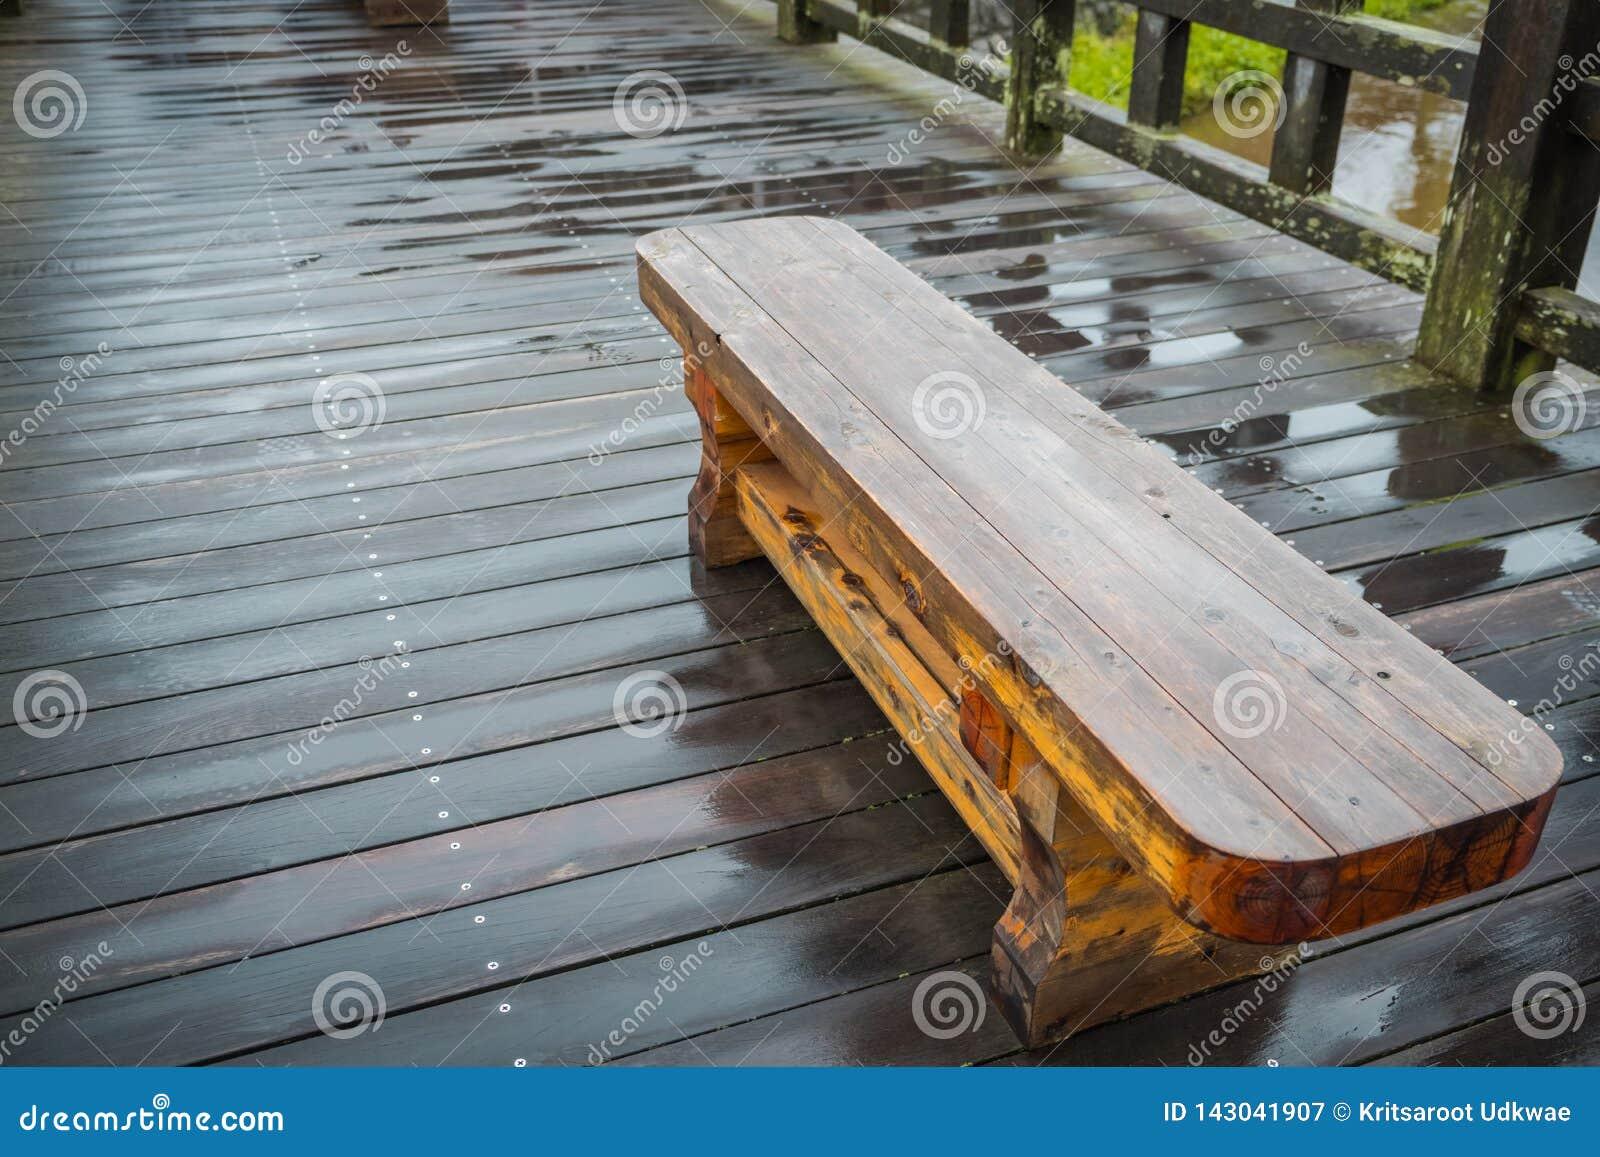 Cerca de madera en el puente de madera después de llover